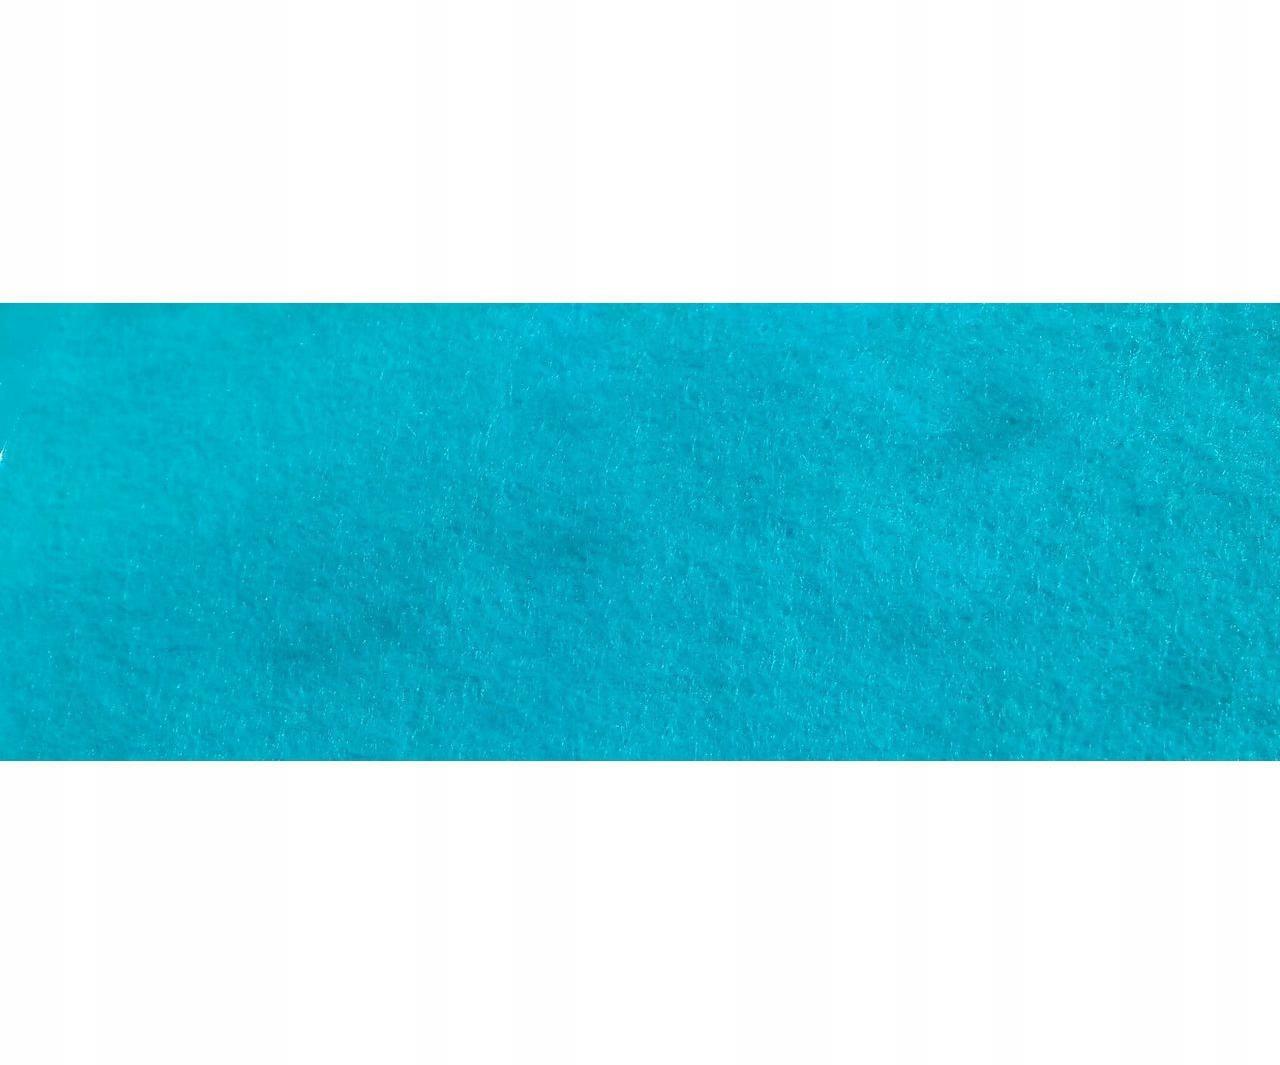 10 szt igły filcu 20x30 cm turkus tkaniny filc